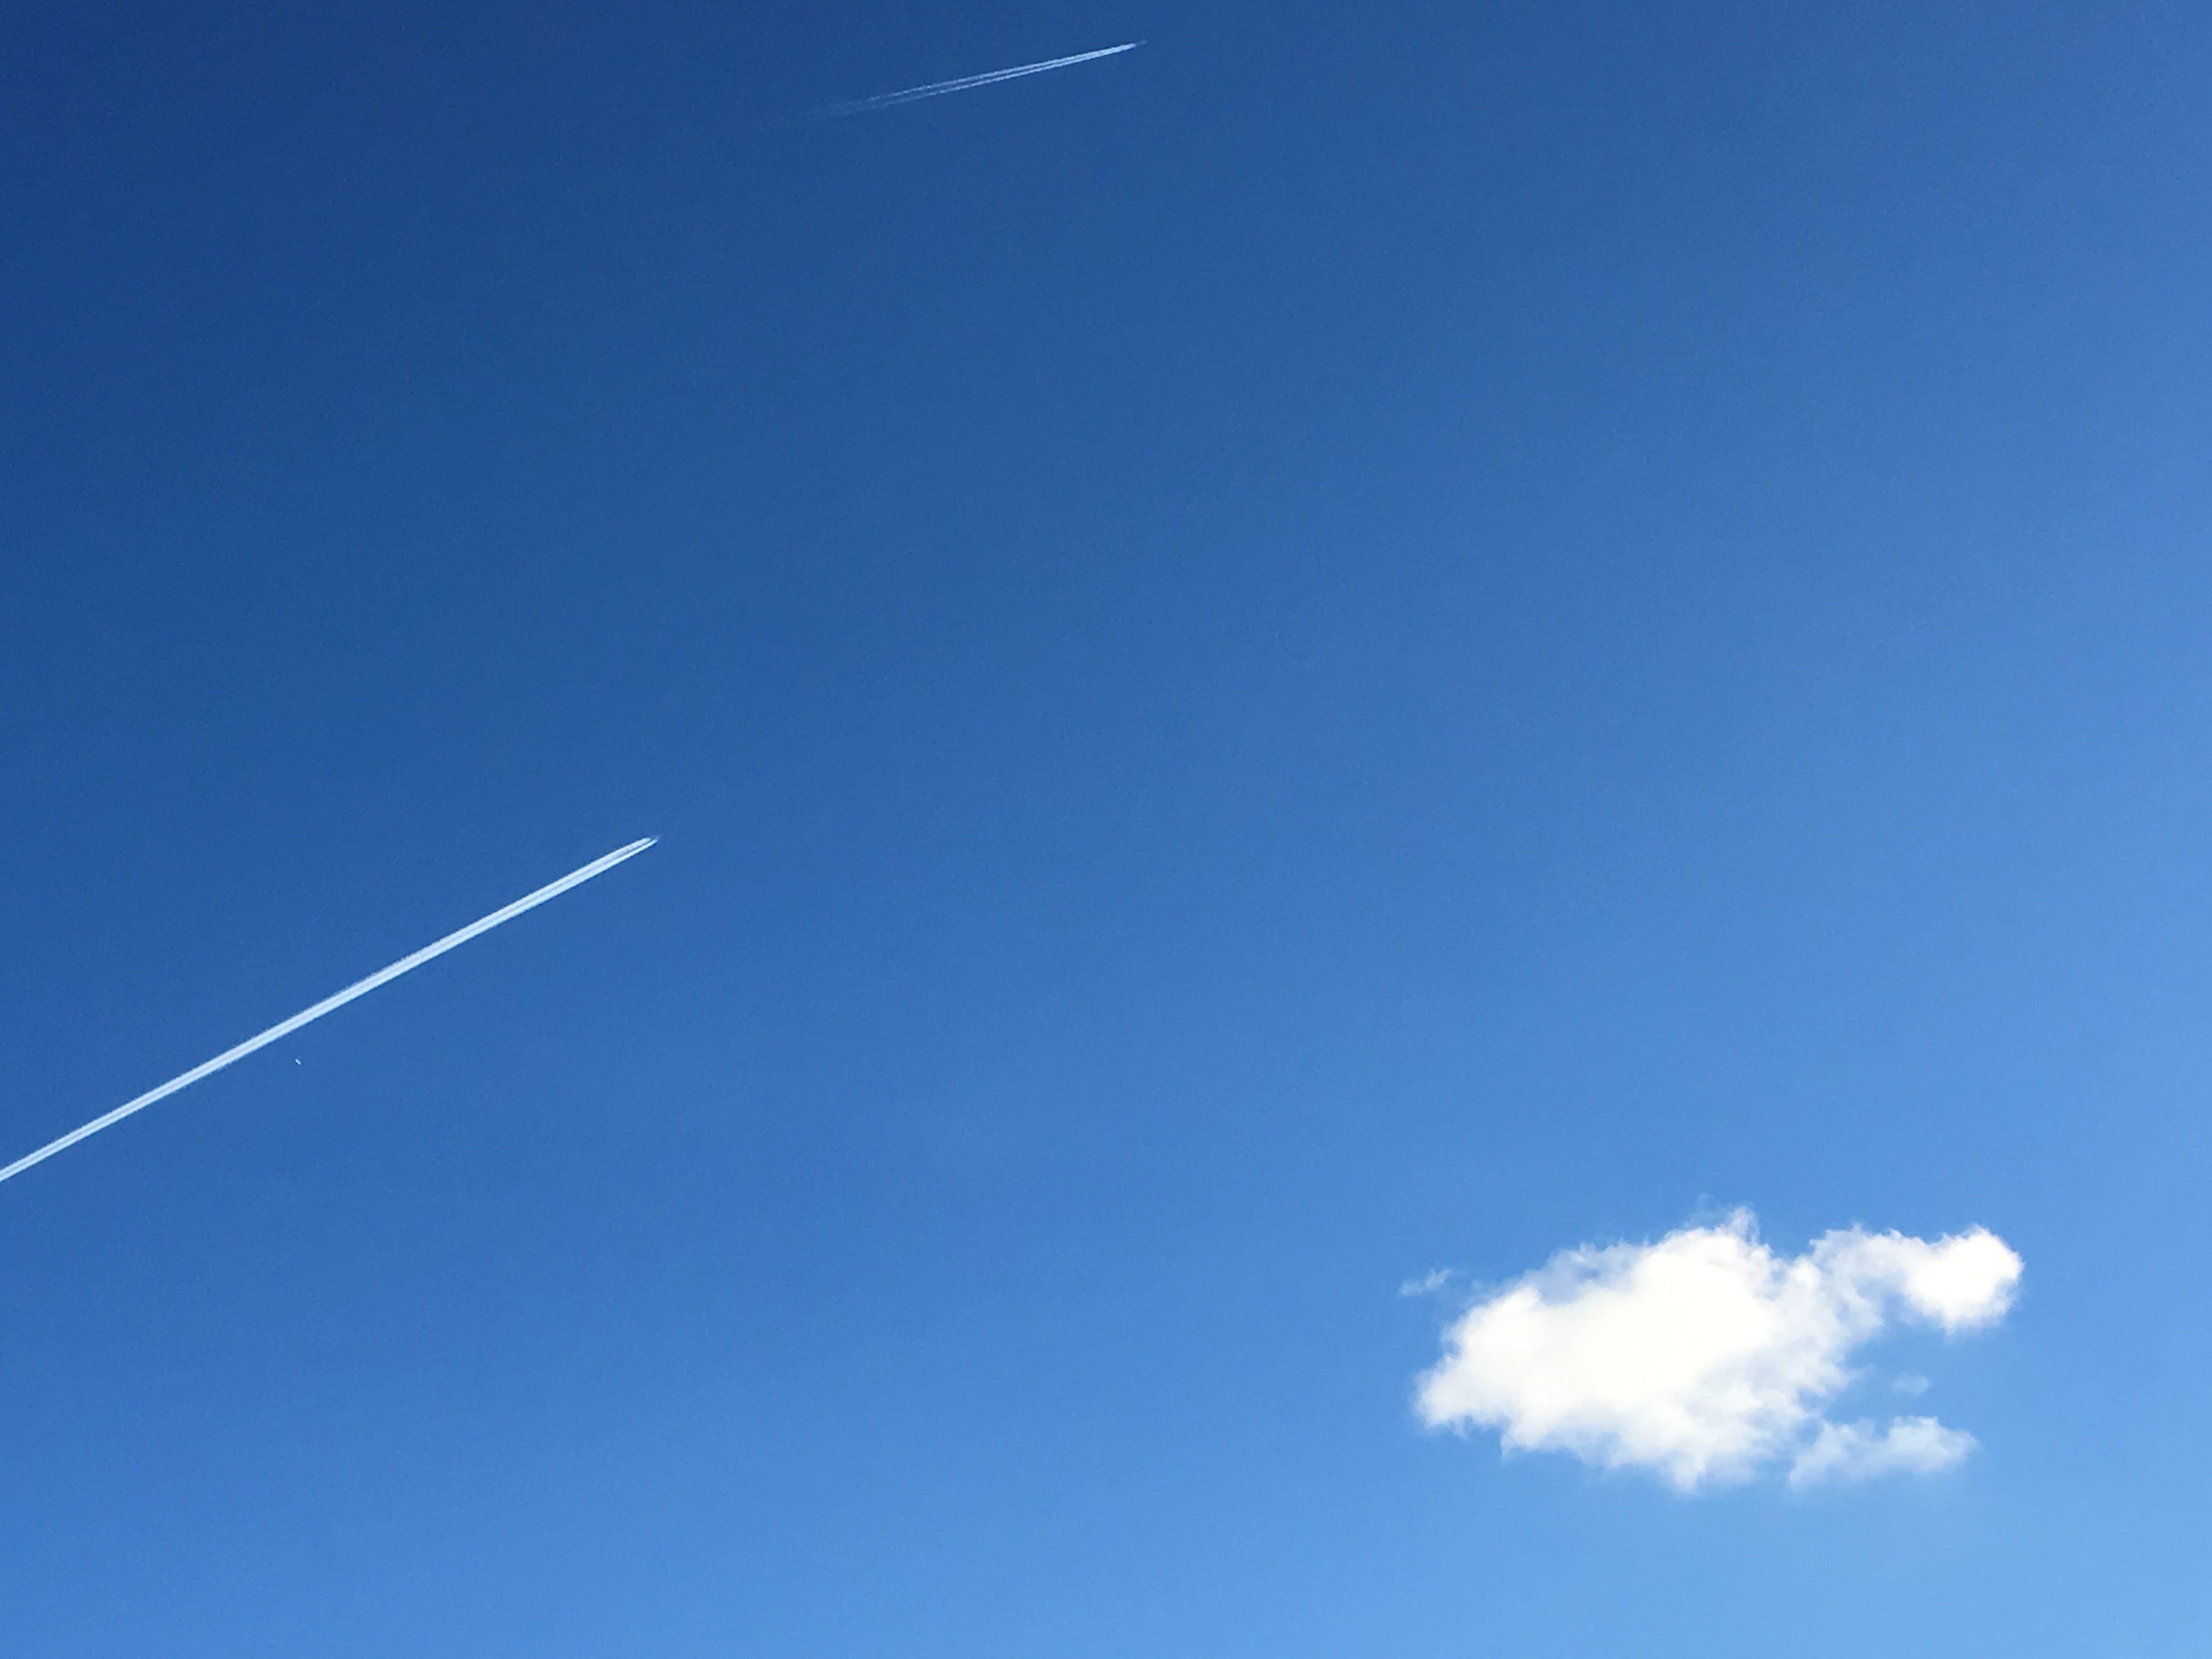 Gratis stockfoto met daglicht, hemel, hoog, luchtvaart